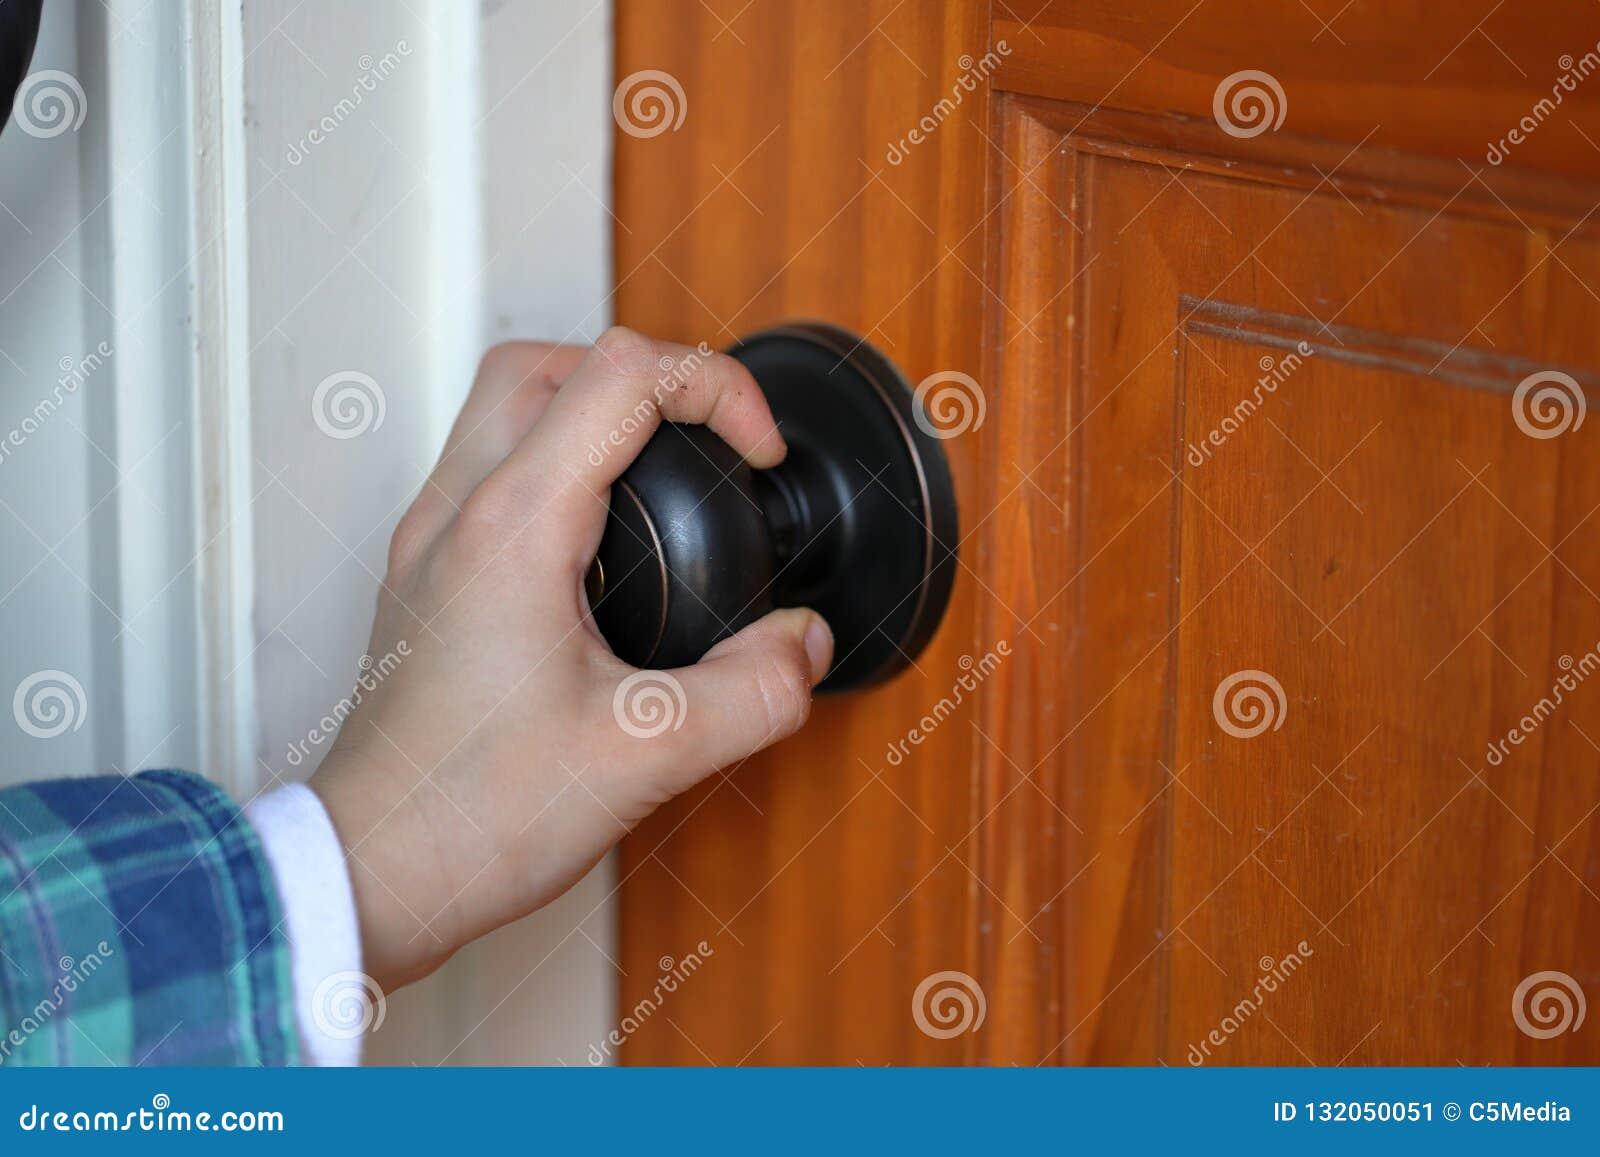 Child& x27; punho de gerencio do botão de porta da mão de s para a porta de madeira